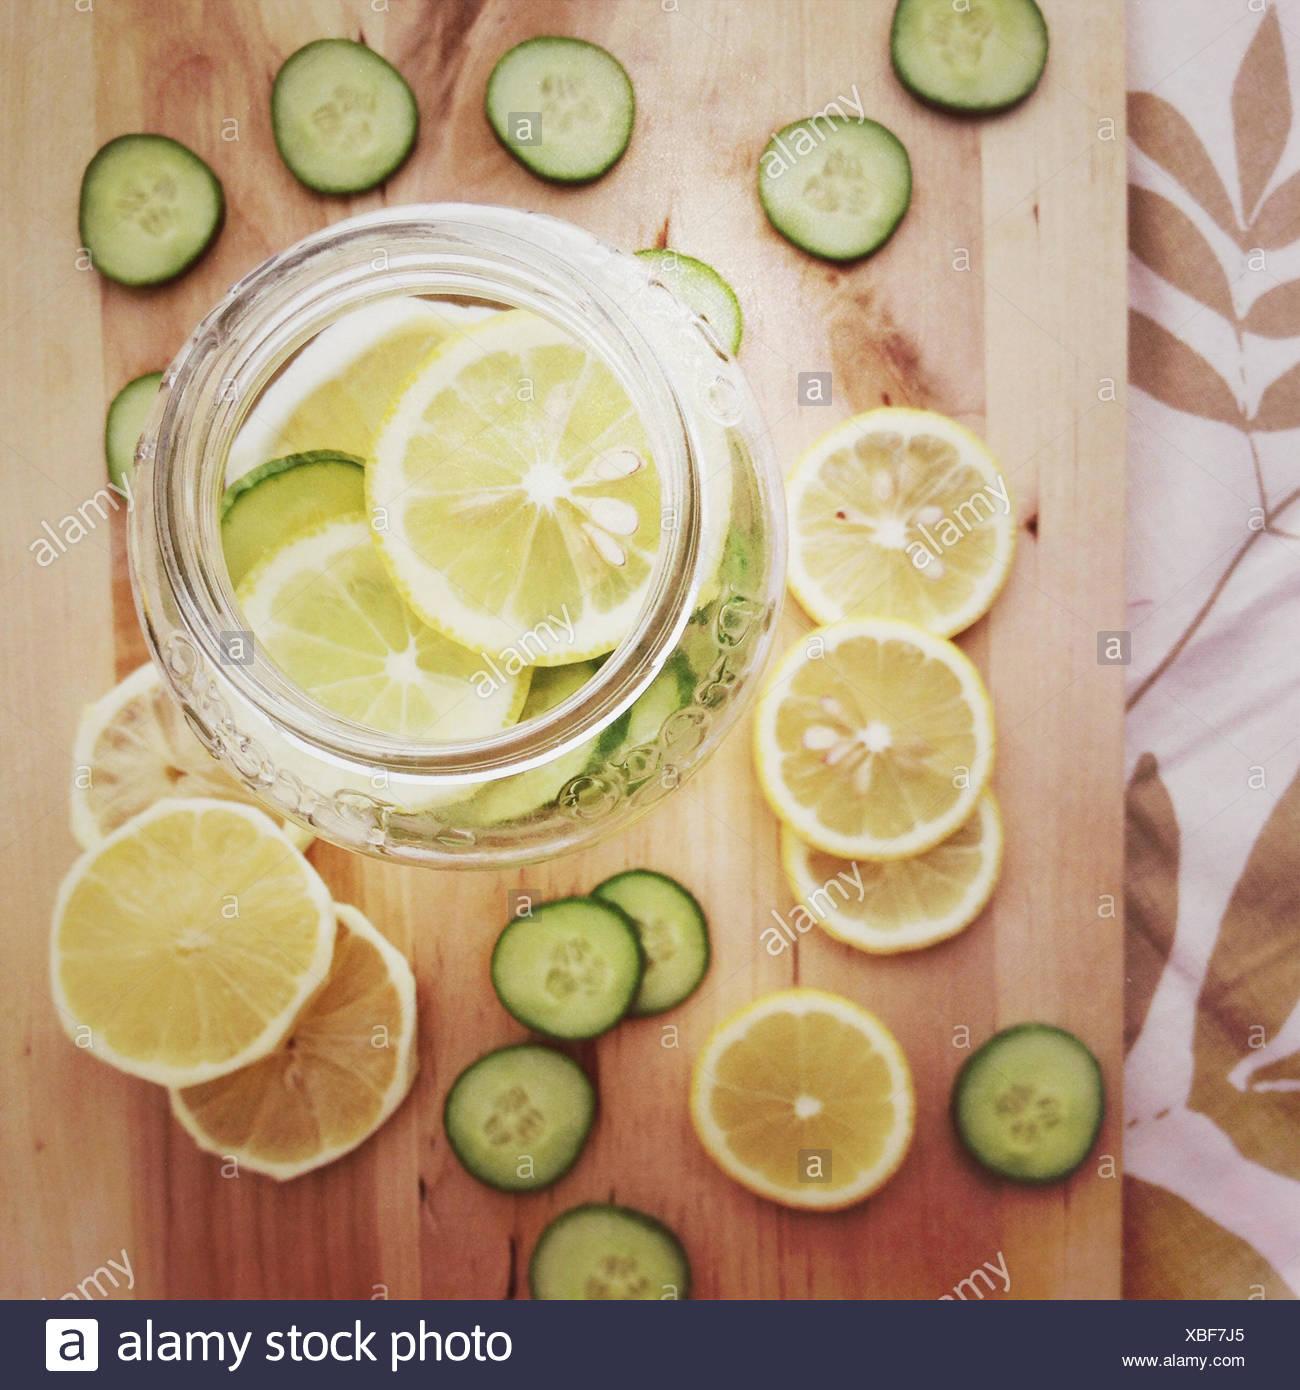 Blick von oben auf ein Glas mit Zitronen- und Gurkenscheiben gefüllt Stockfoto